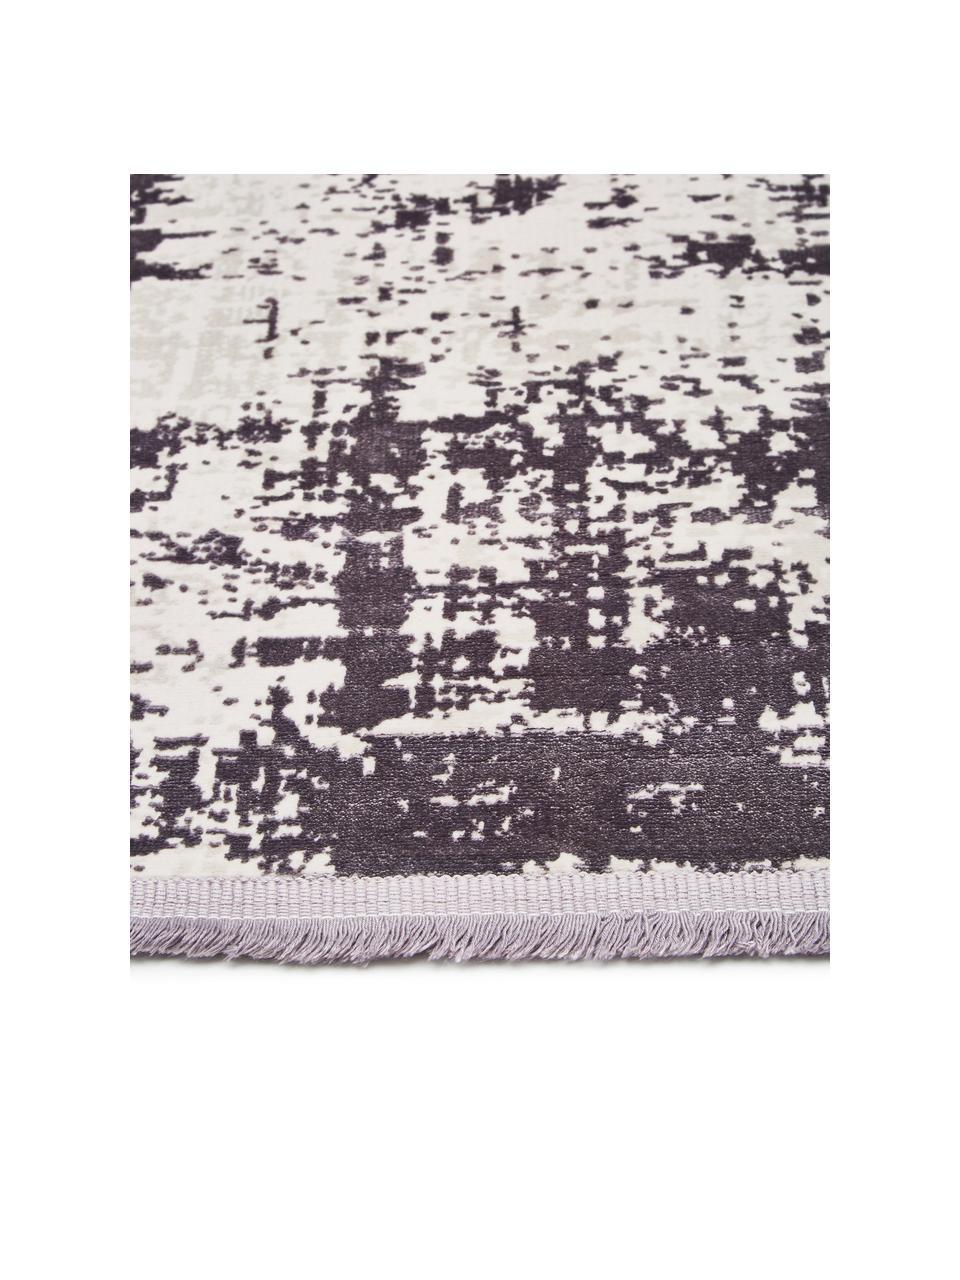 Glanzend vloerkleed Cordoba in grijstinten met franjes, vintage stijl, Bovenzijde: 70% acryl, 30% viscose, Onderzijde: 100% katoen, Grijstinten met lichte lilatint, B 130 x L 190 cm (maat S)